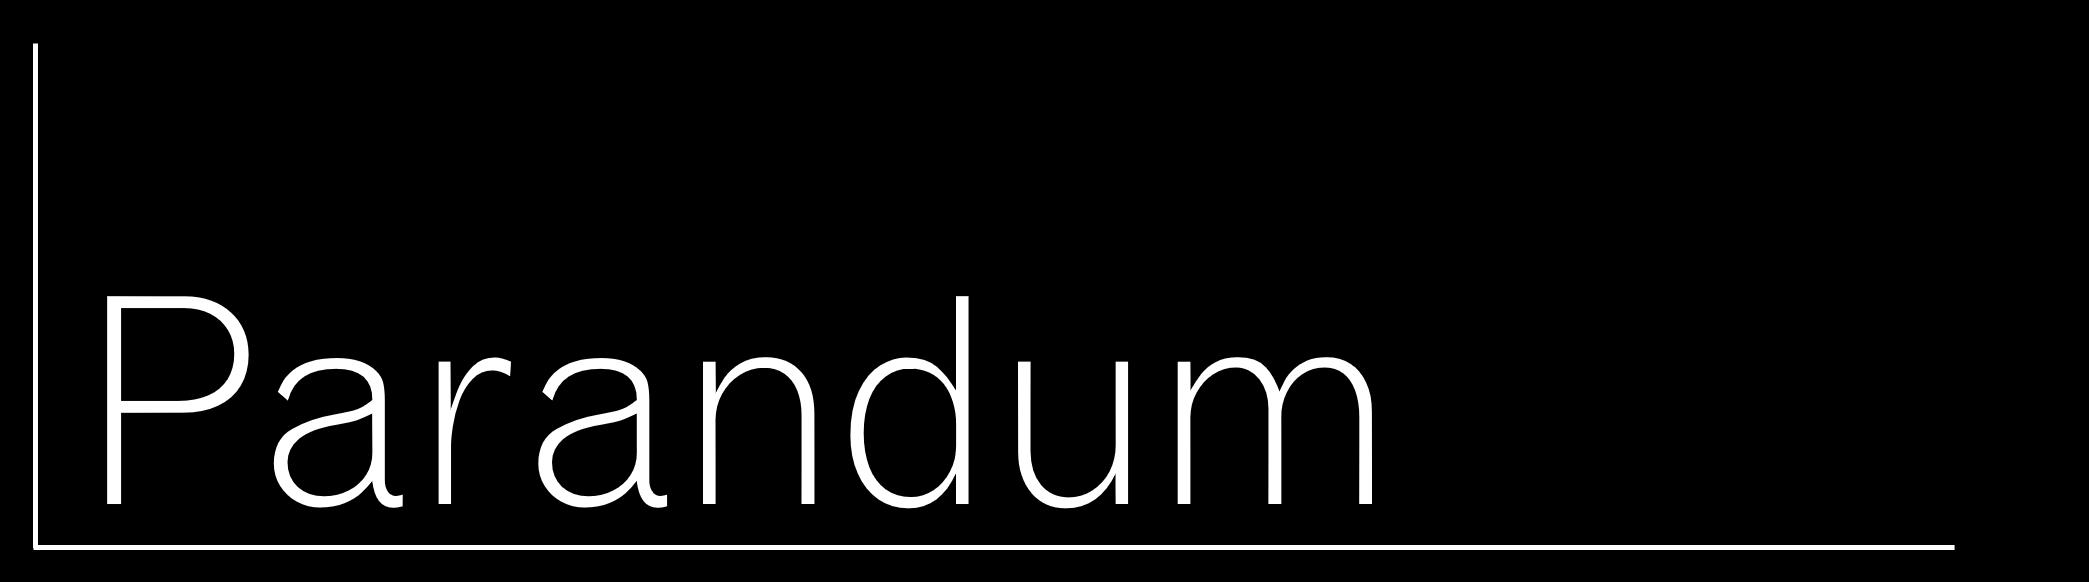 Parandum